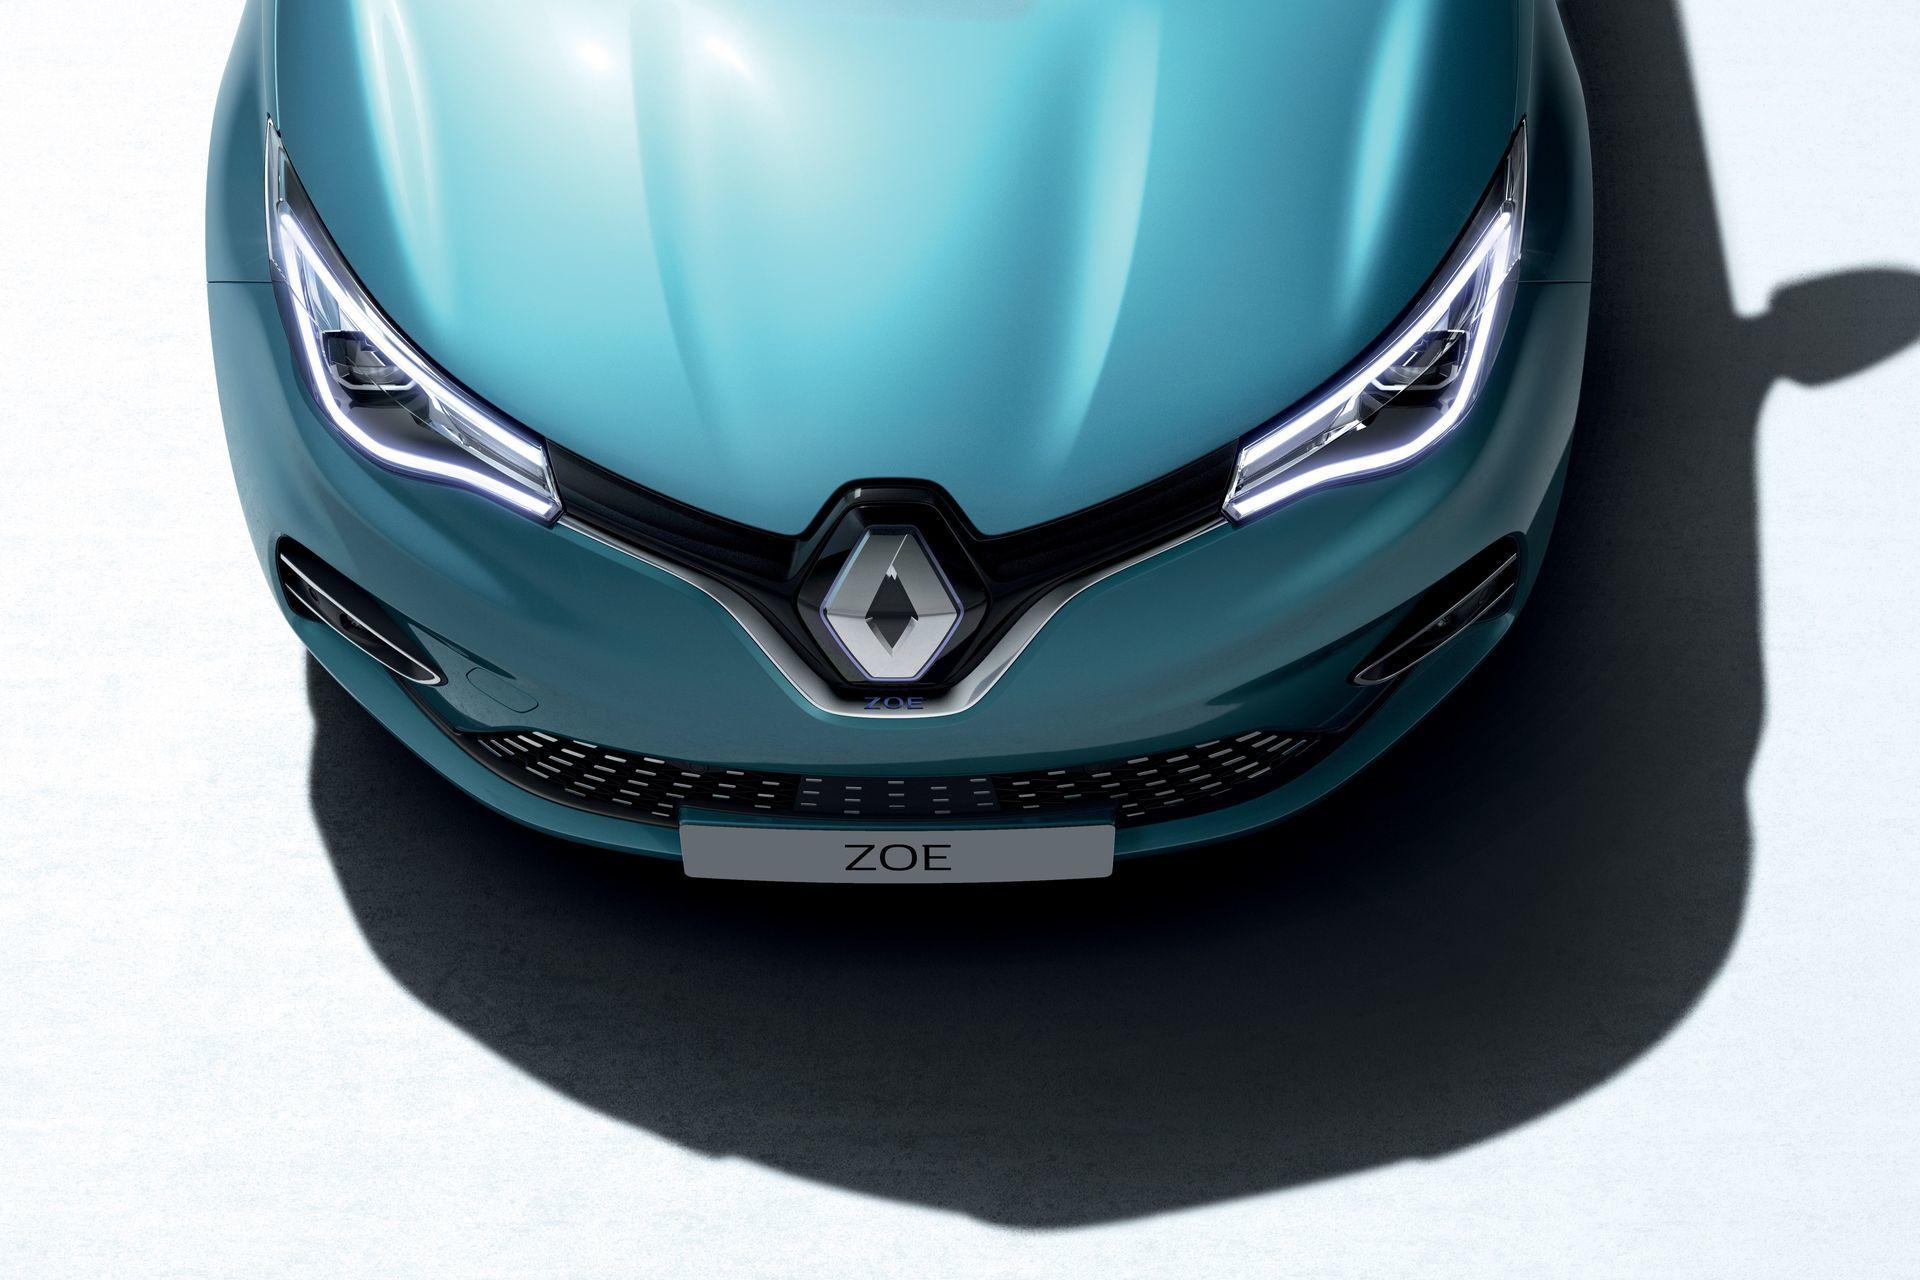 2019 Nouvelle Renault Zoe